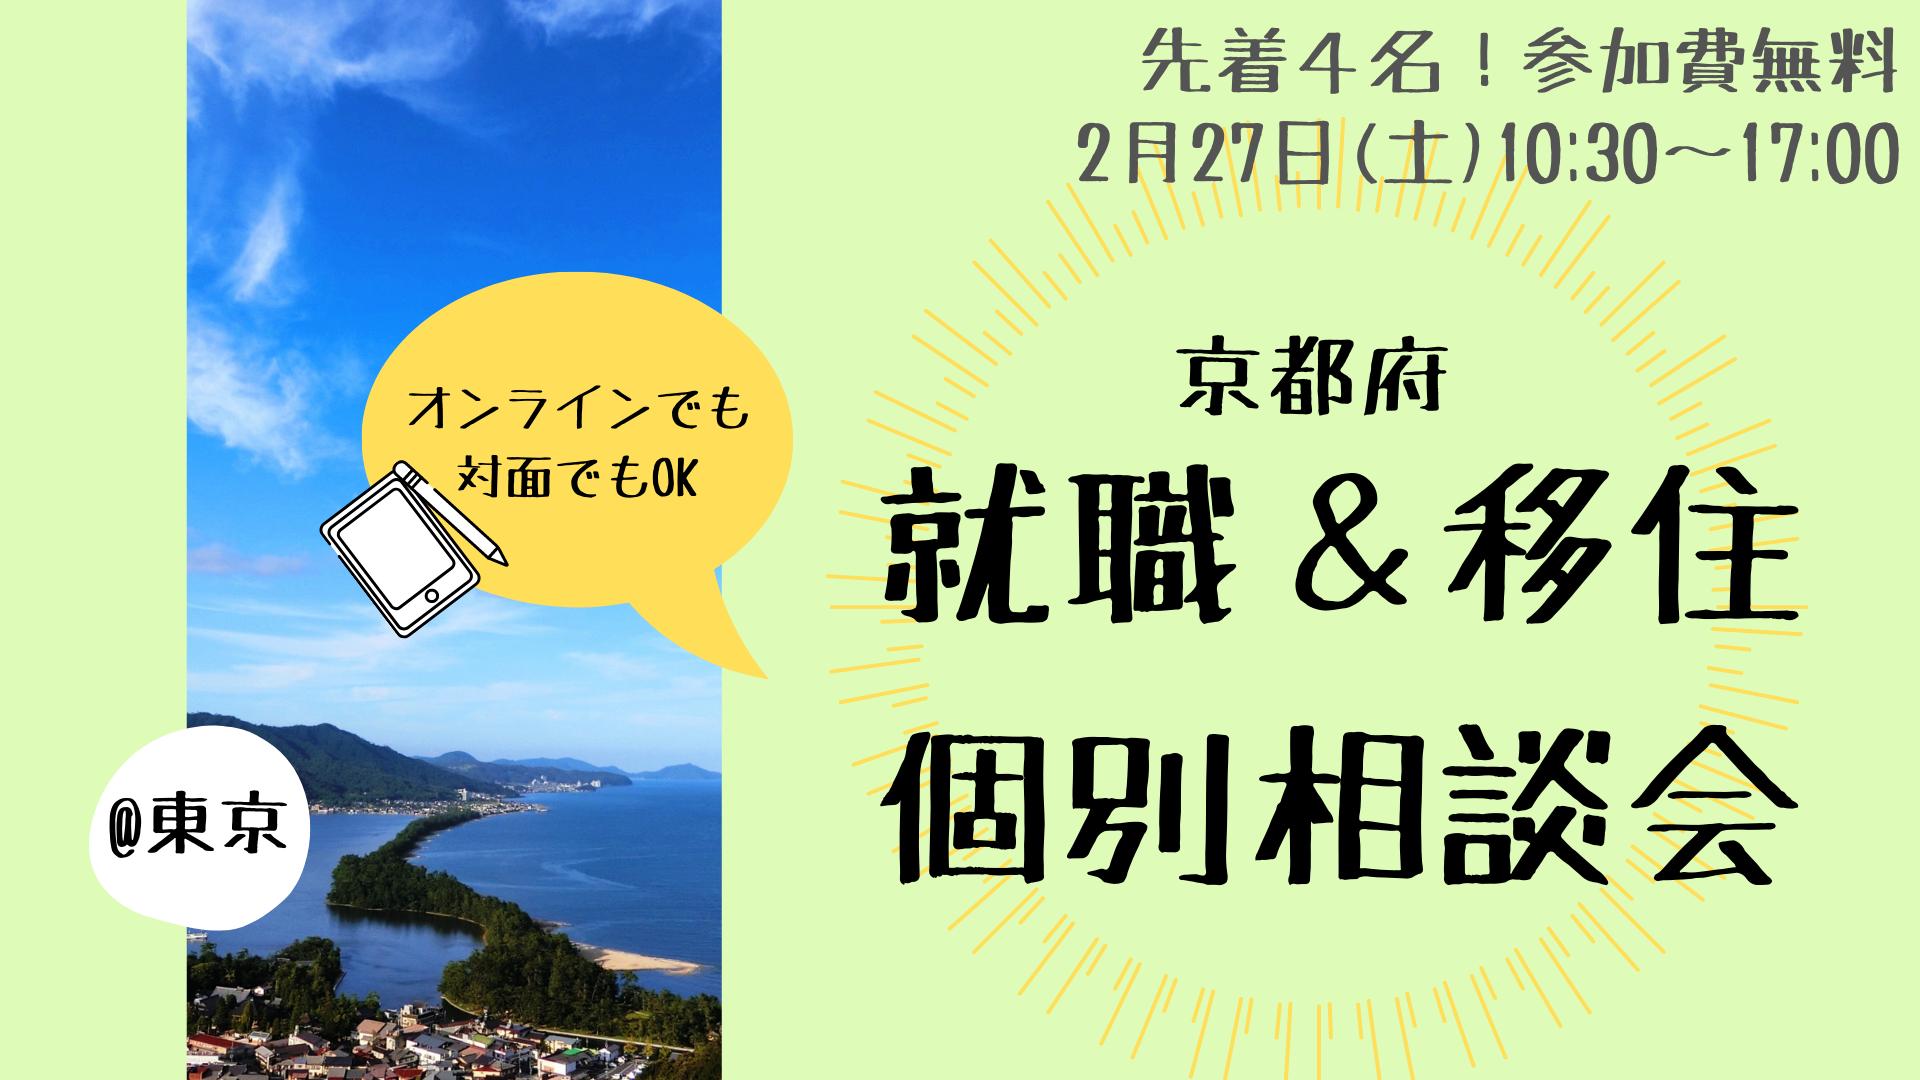 [満員御礼]就職&移住個別相談会 vol.4@東京